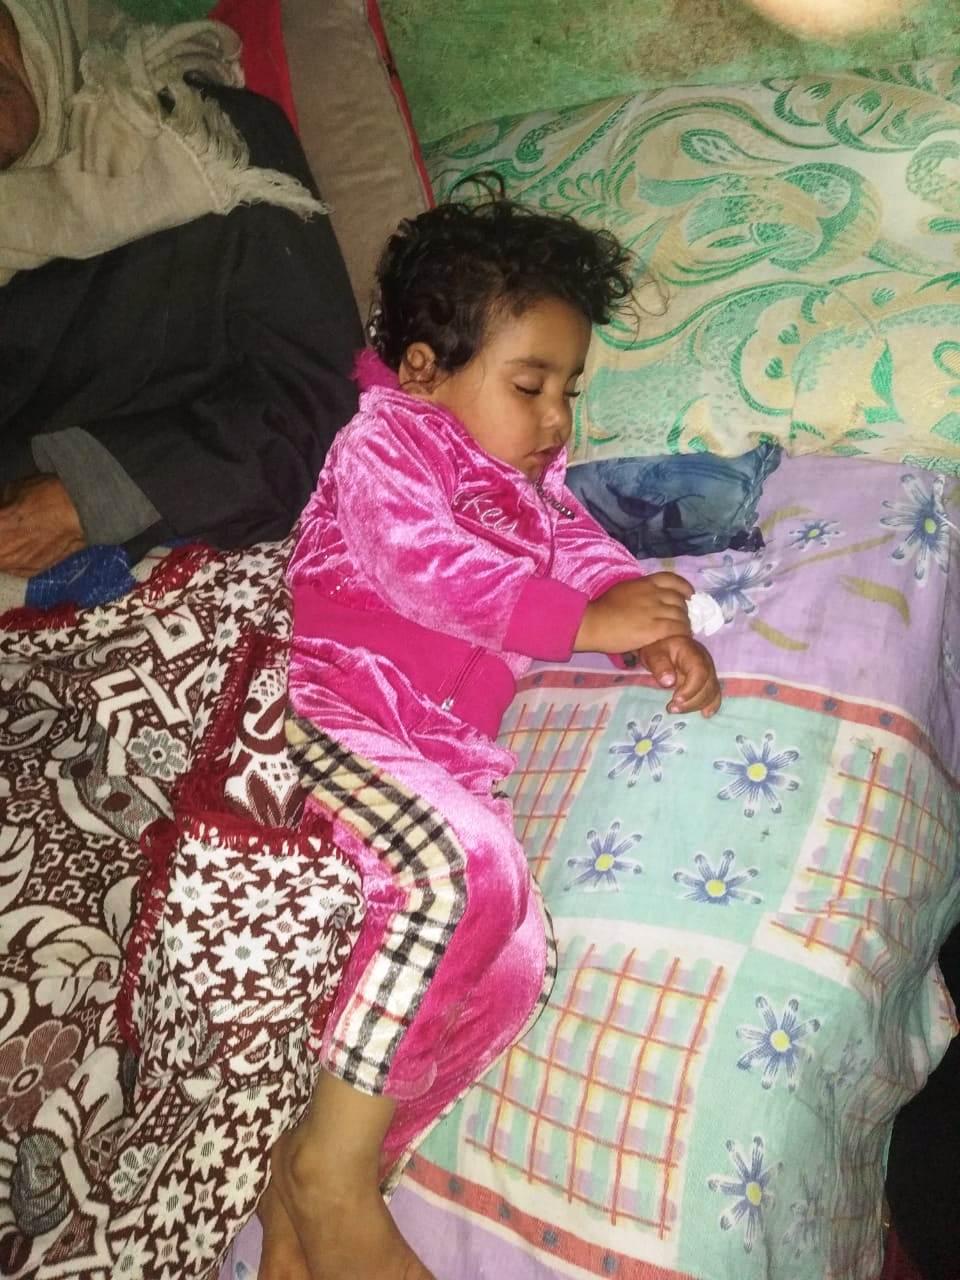 4- الطفلة الصغرى نائمة بعد بكاء مستمر عقب سؤالها عن والدتها